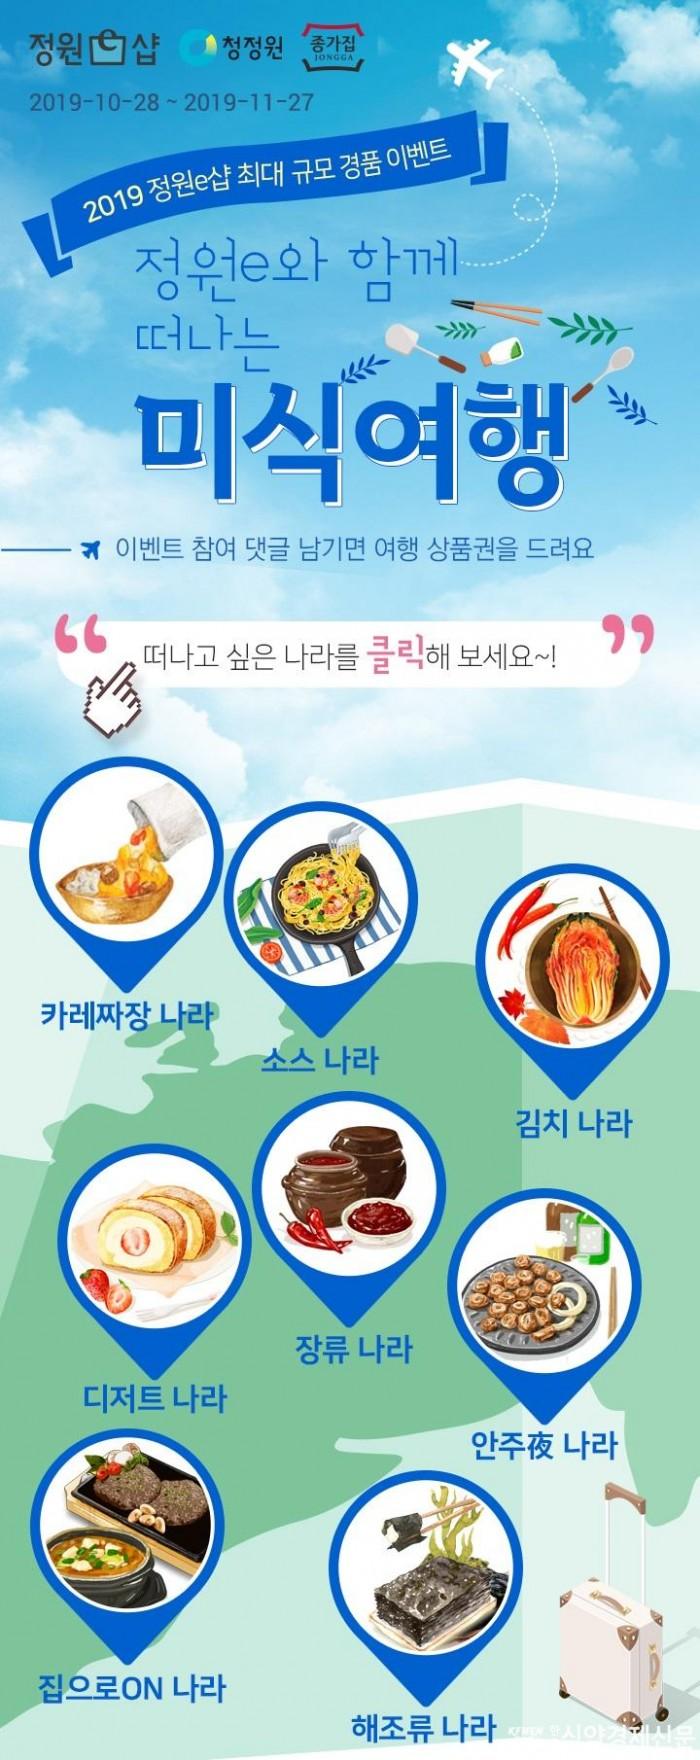 대상(주) 정원e샵_2019 미식여행 경품 기획전.jpg